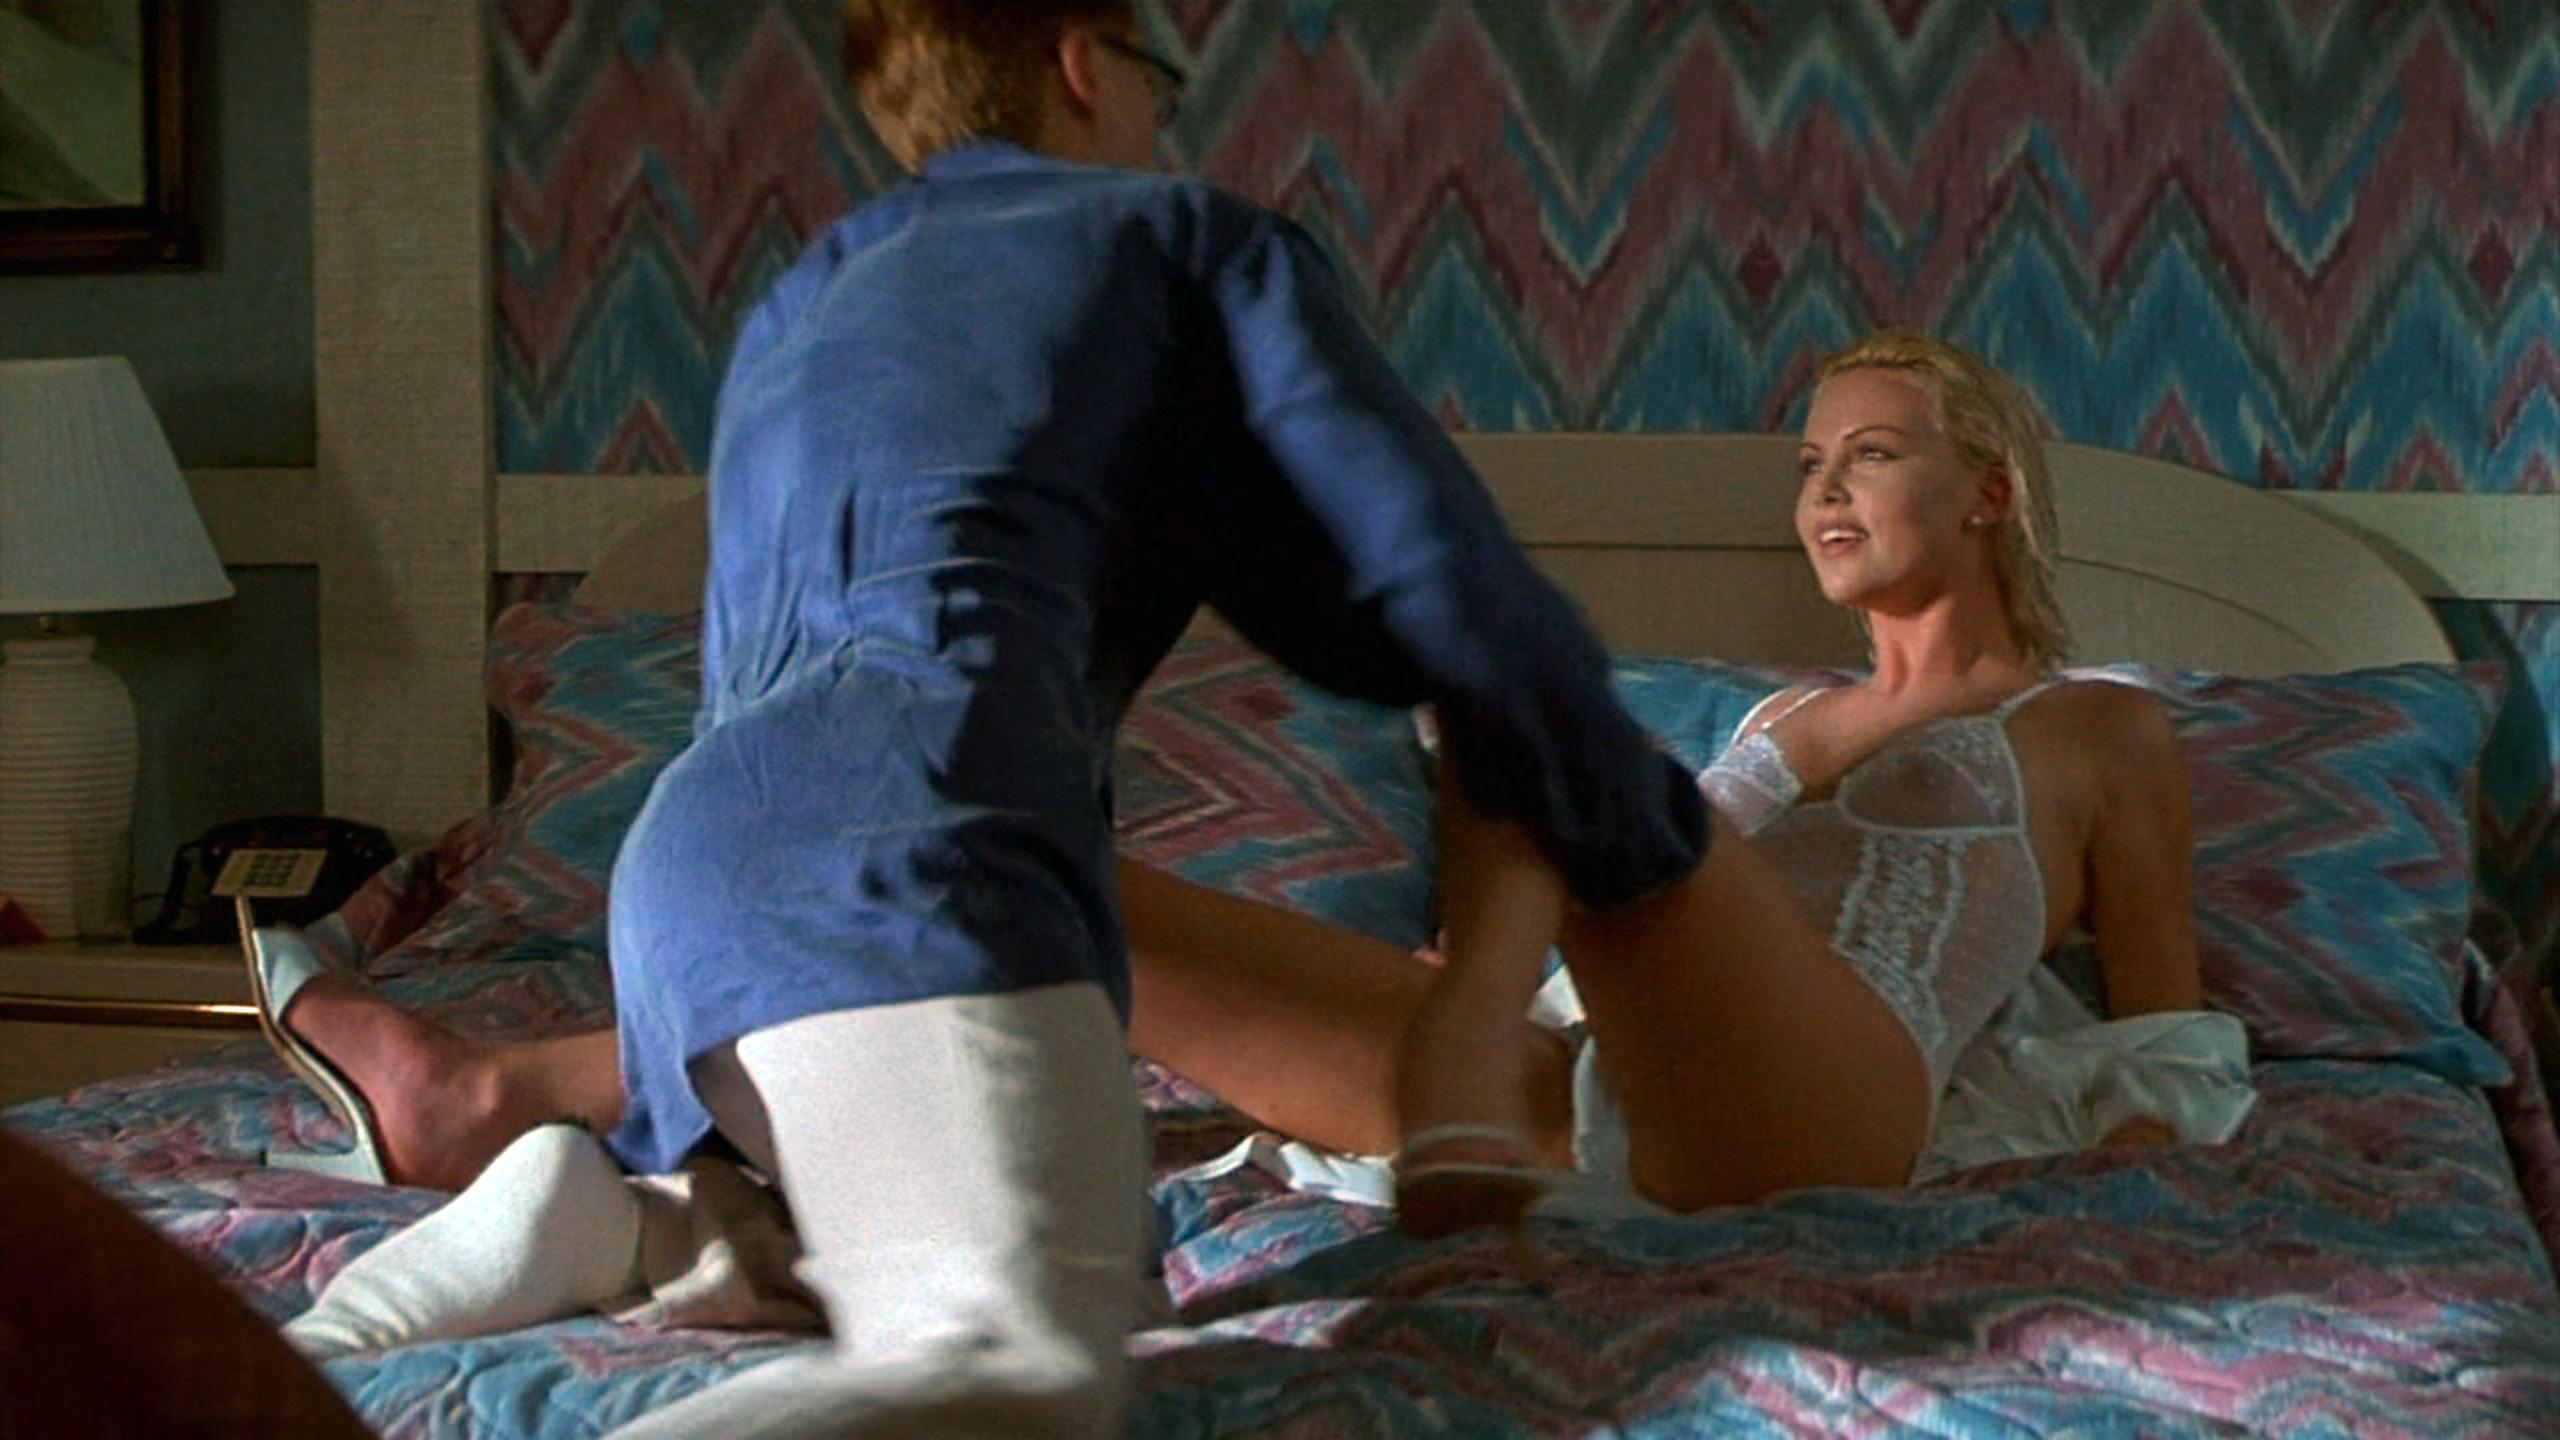 シャーリーズ・セロン(Charlize Theron)「2 days トゥー・デイズ」(1996)・・・其の弐_e0042361_20451471.jpg